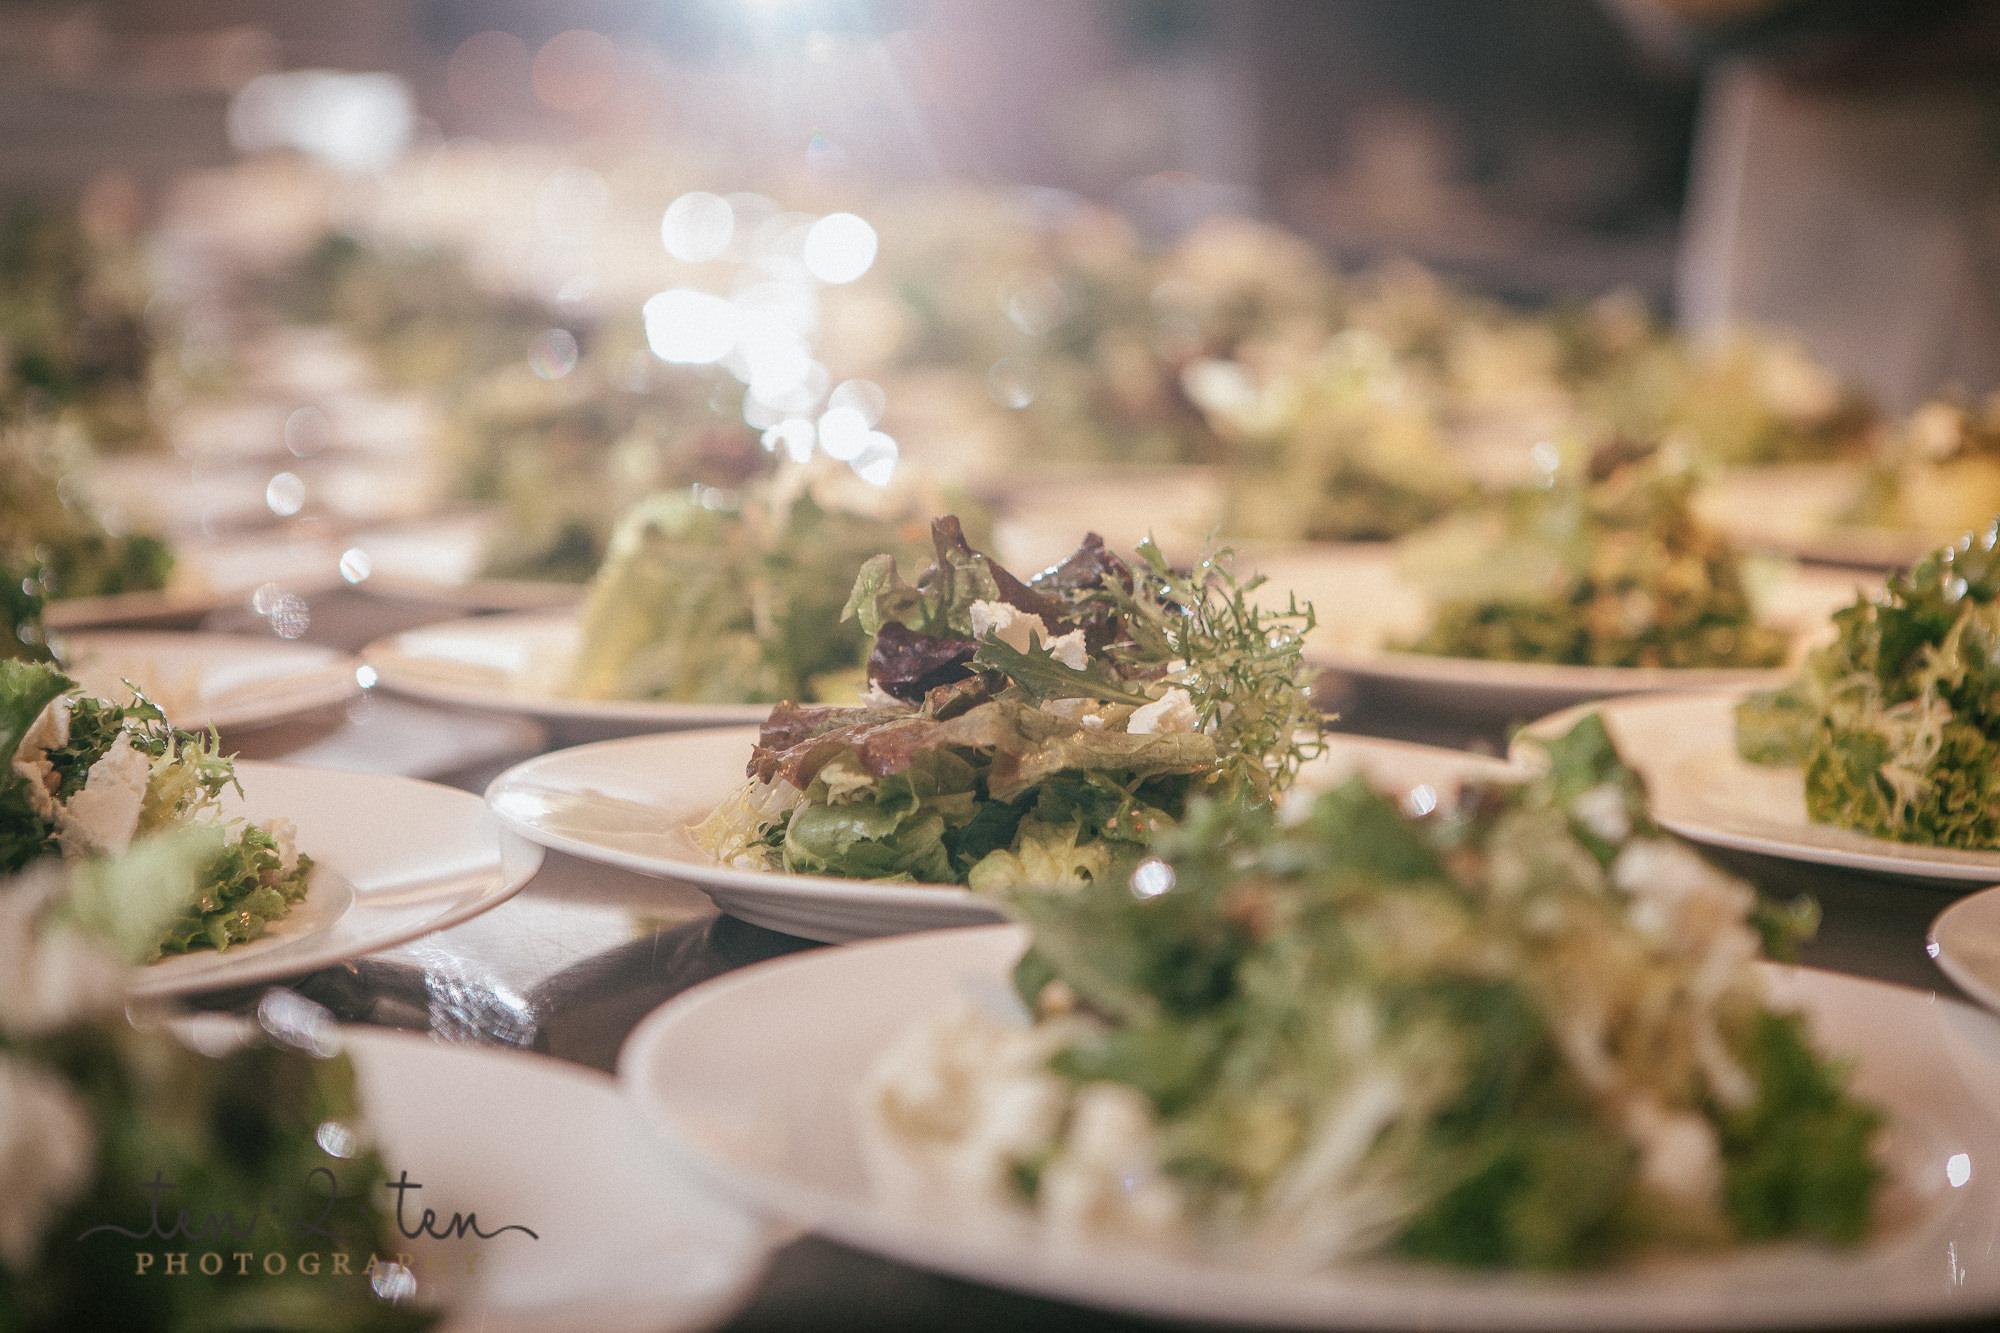 mildreds temple kitchen wedding photos 434 - Mildred's Temple Kitchen Wedding Photos